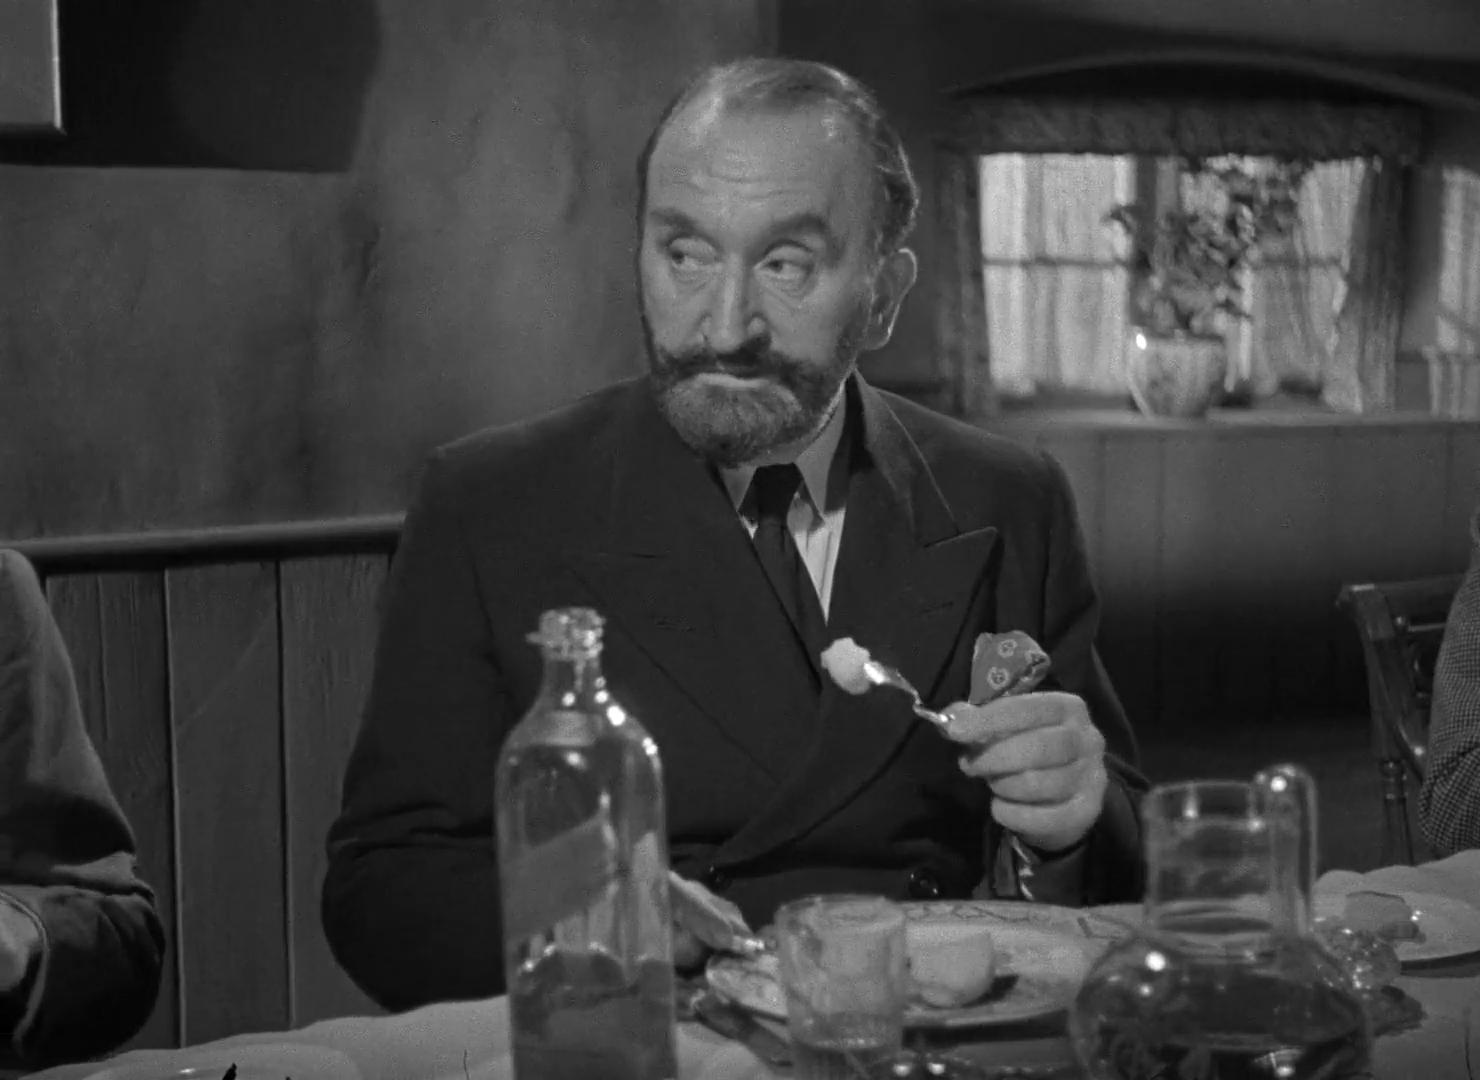 L'acteur Tom Walls dans le film The halfway house (L'auberge fantôme, 1944) de Basil Dearden